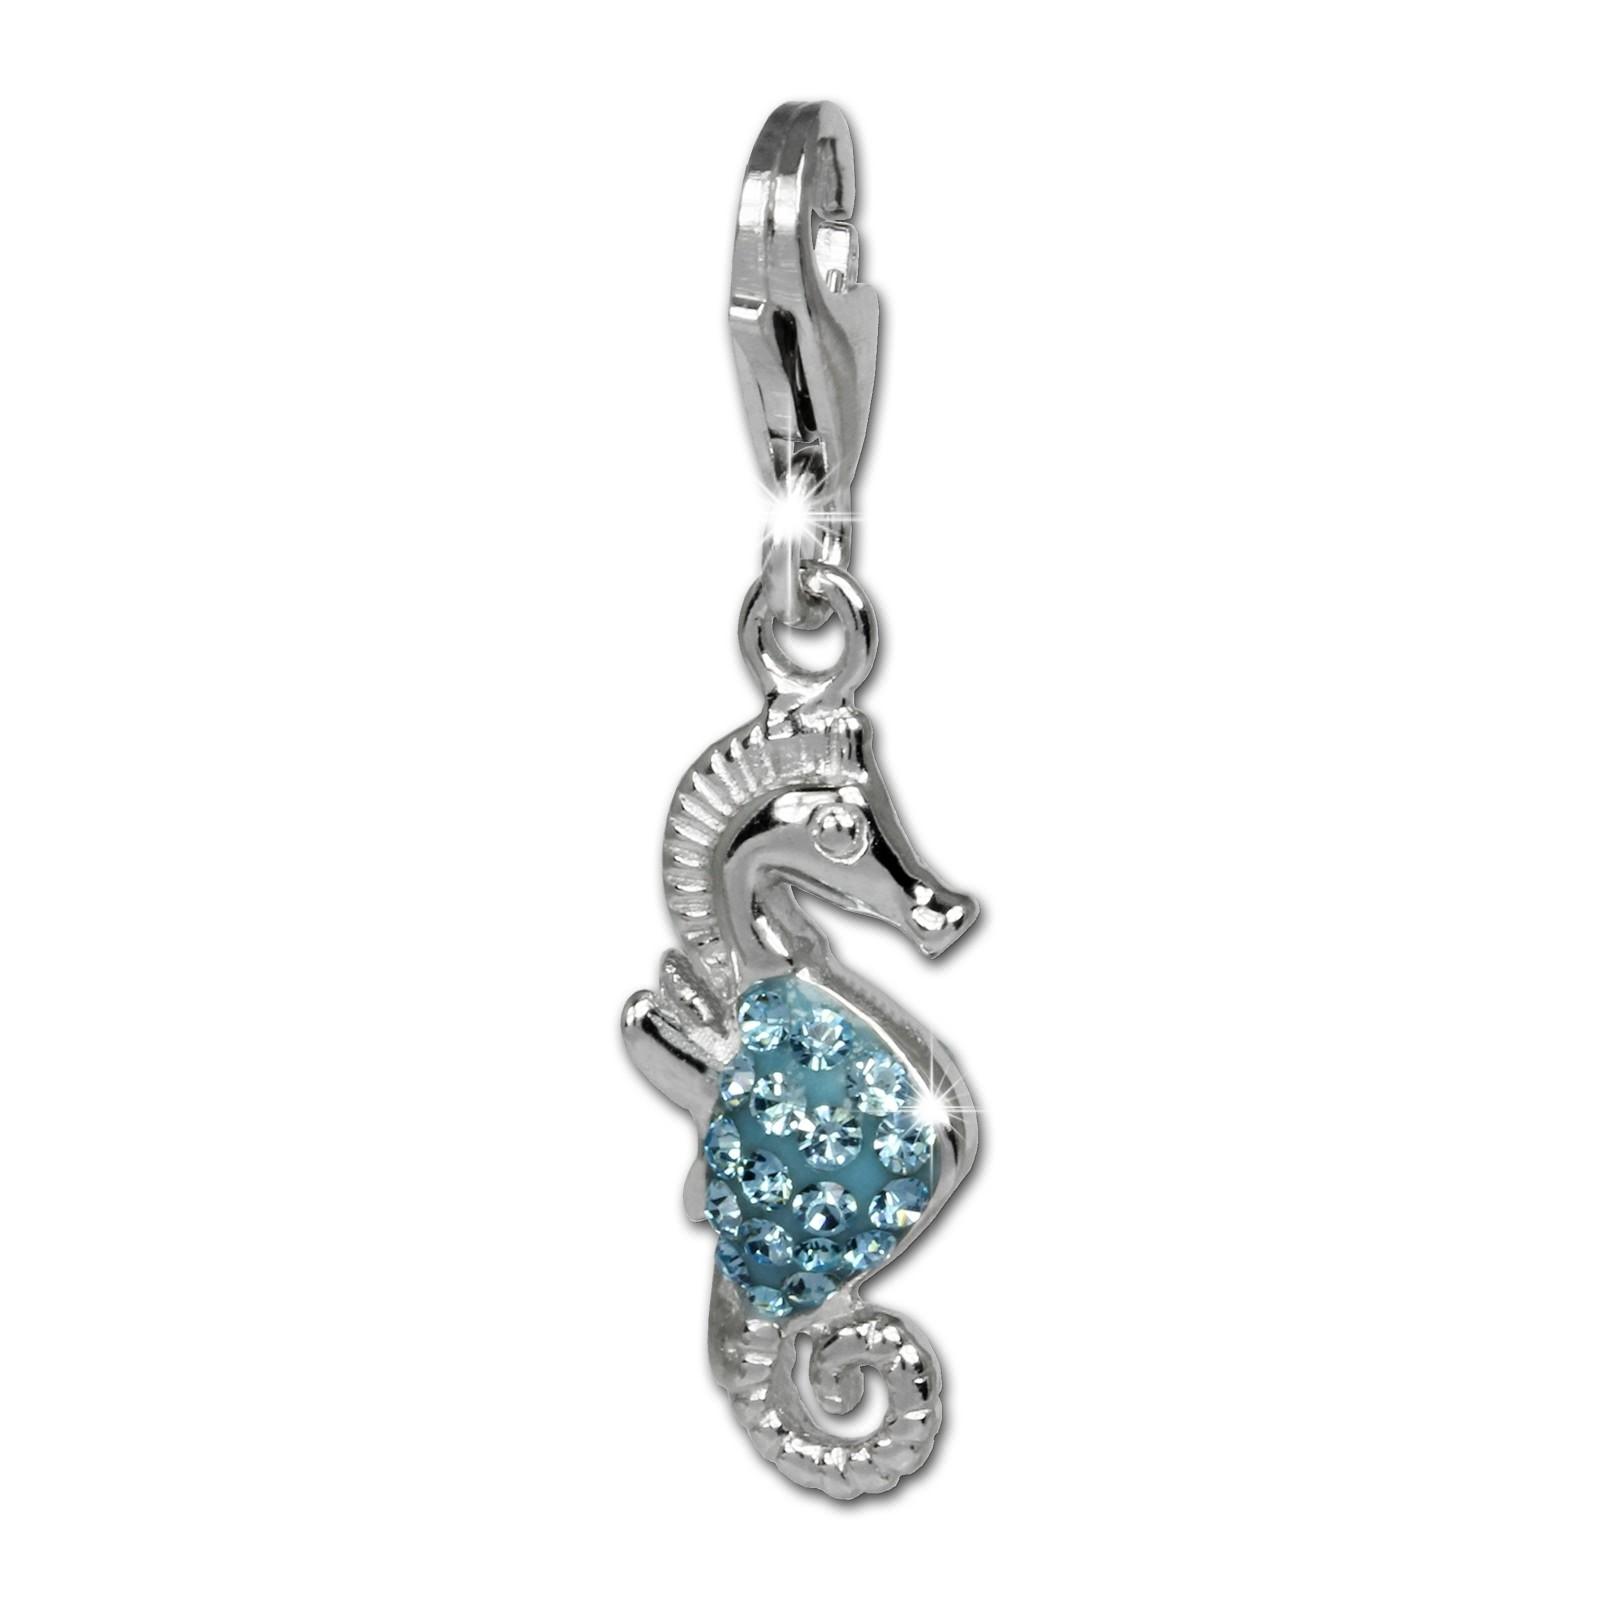 SilberDream Glitzer Charm Seepferd blau Zirkonia Kristalle 925 GSC519H